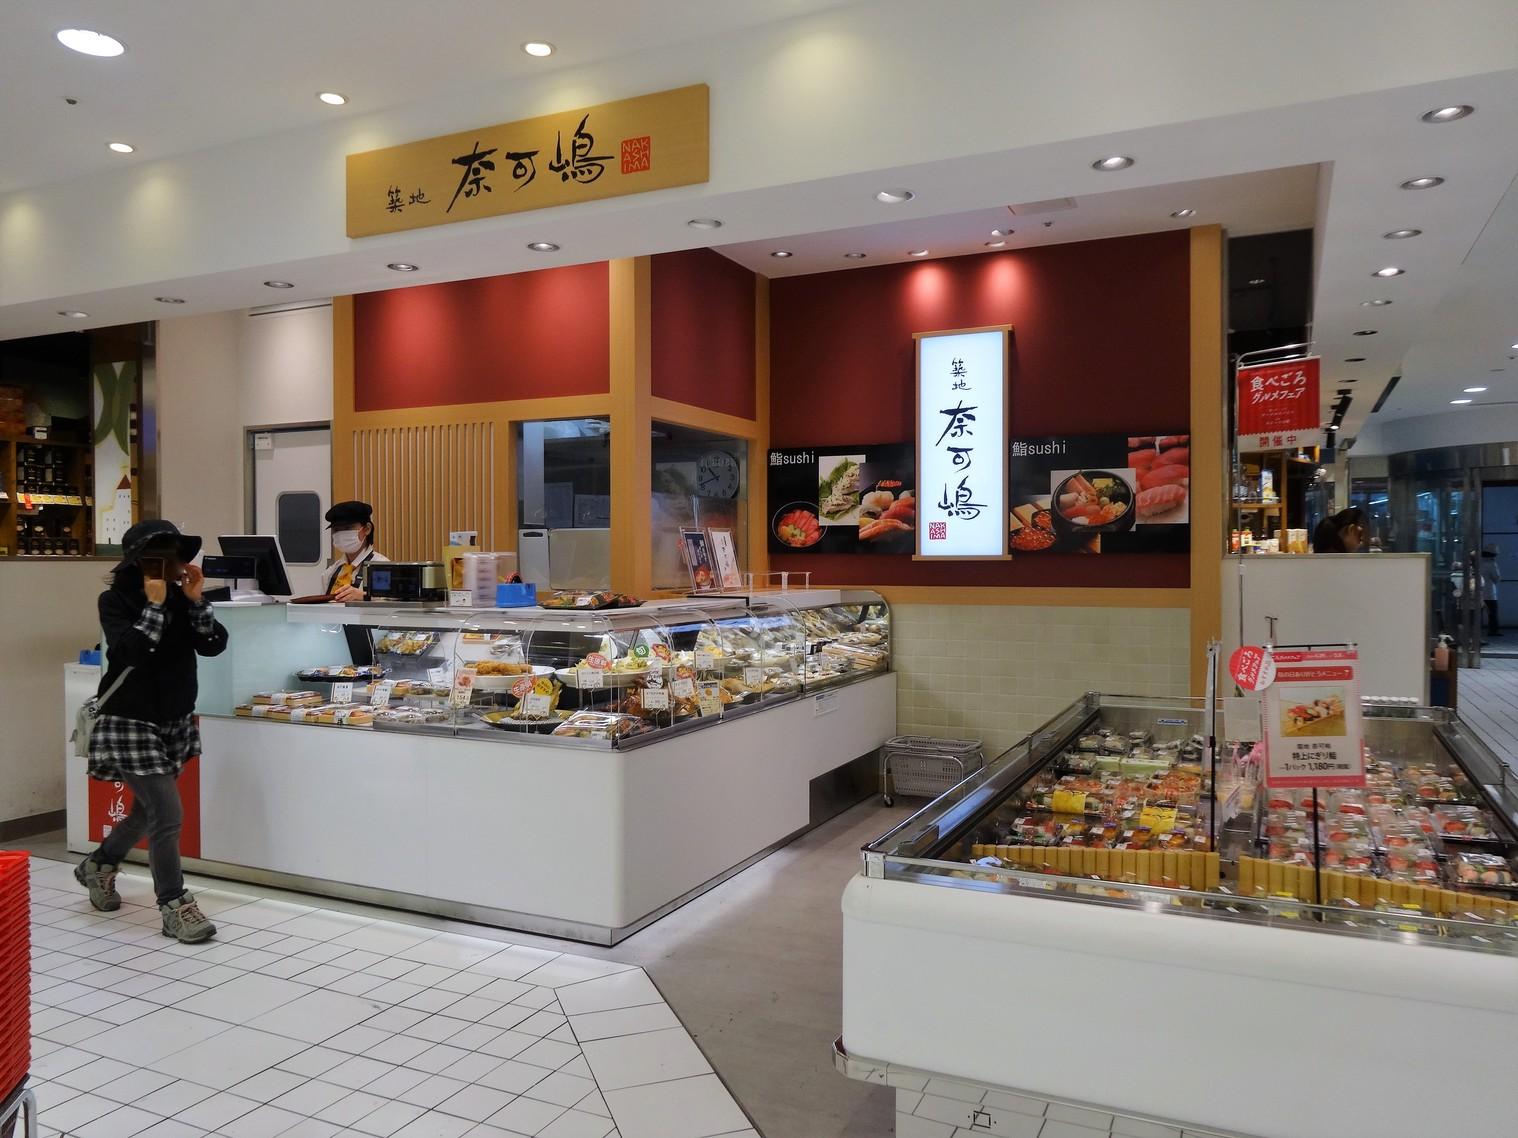 築地 奈可嶋 大船ルミネウイング店